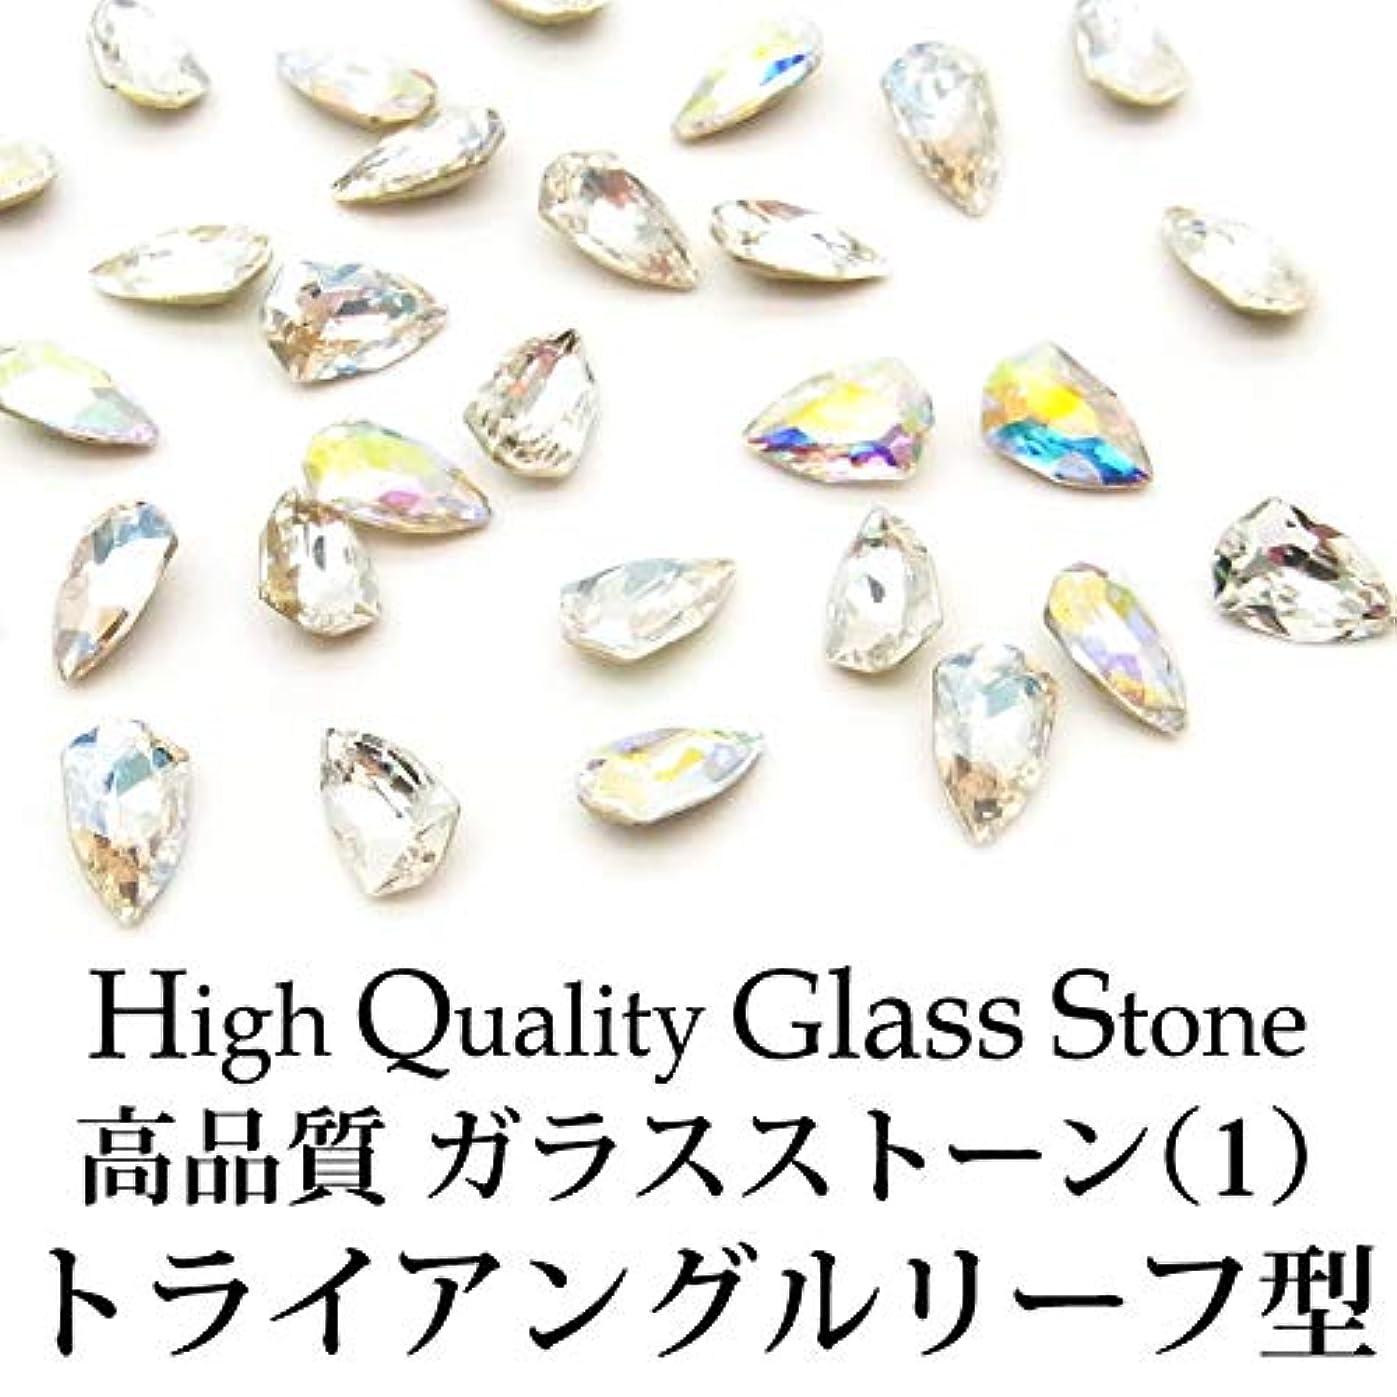 きらめく進化逸話高品質 ガラスストーン (1) トライアングルリーフ型 各種 3個入り (1-7.ライトコロラドヘマタイト)